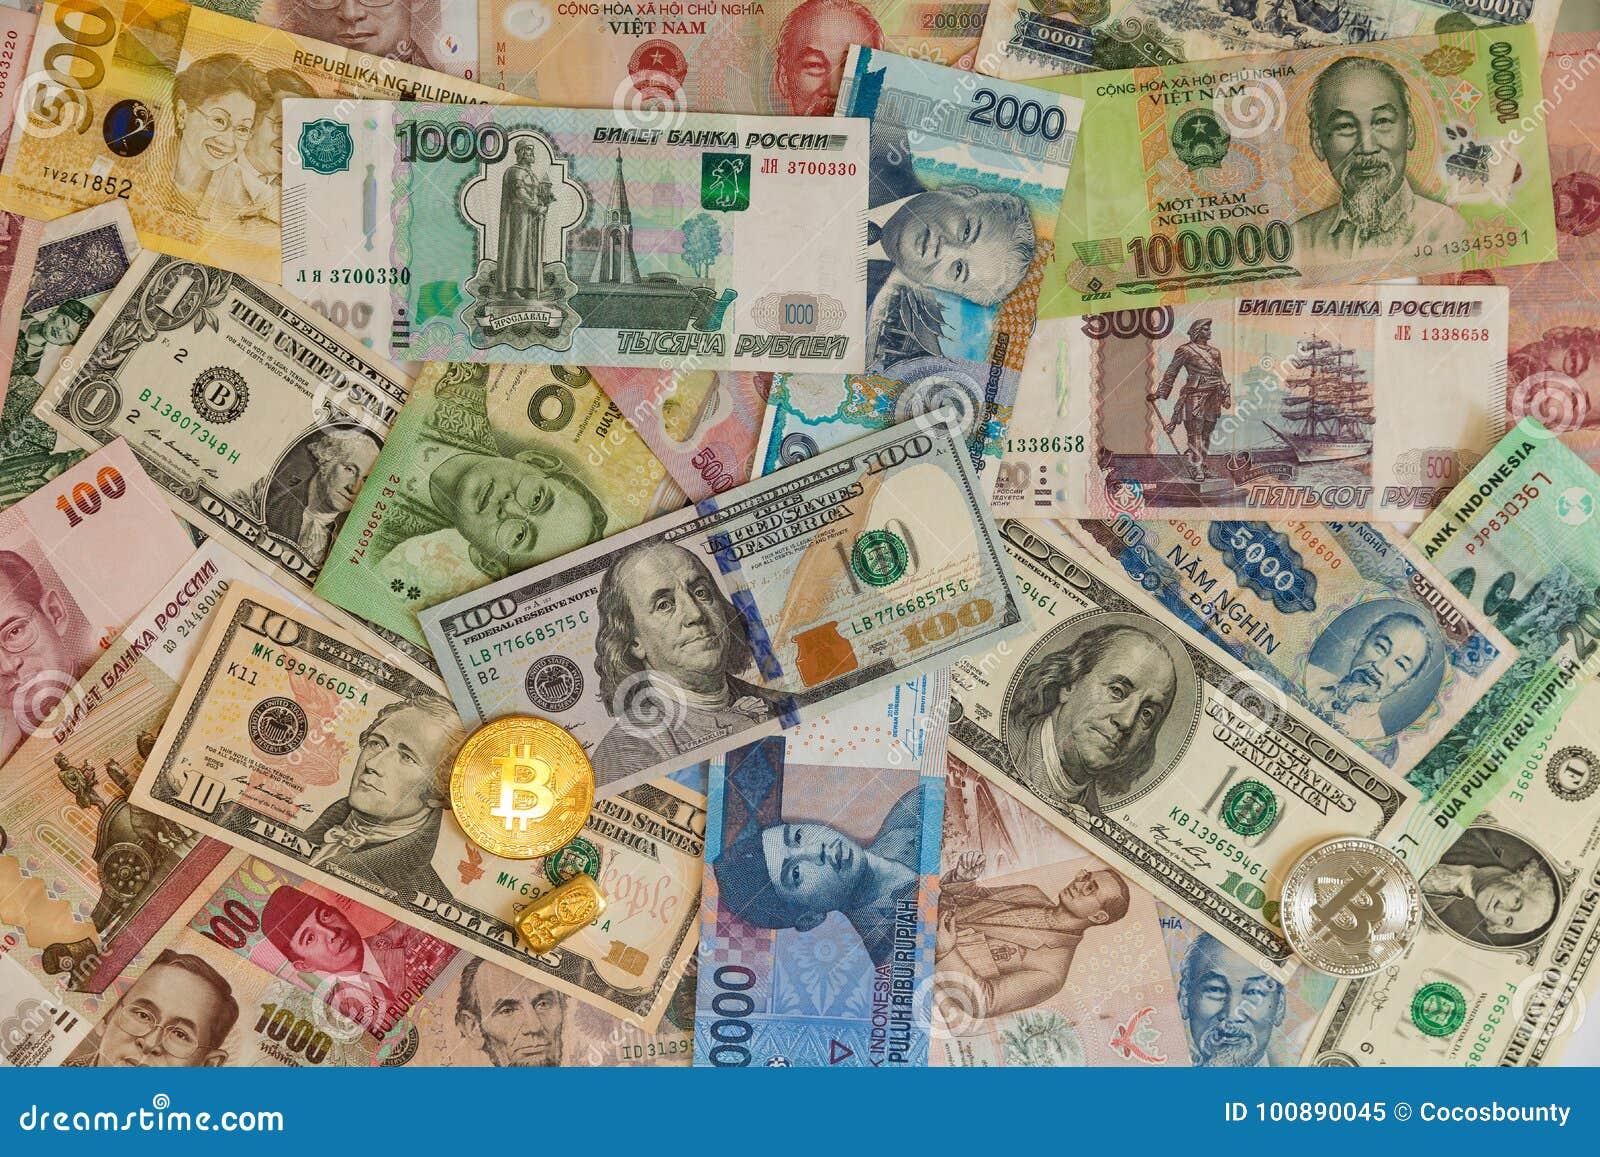 1000 биткоинов в доллары эффективные стратегии торговли на форекс